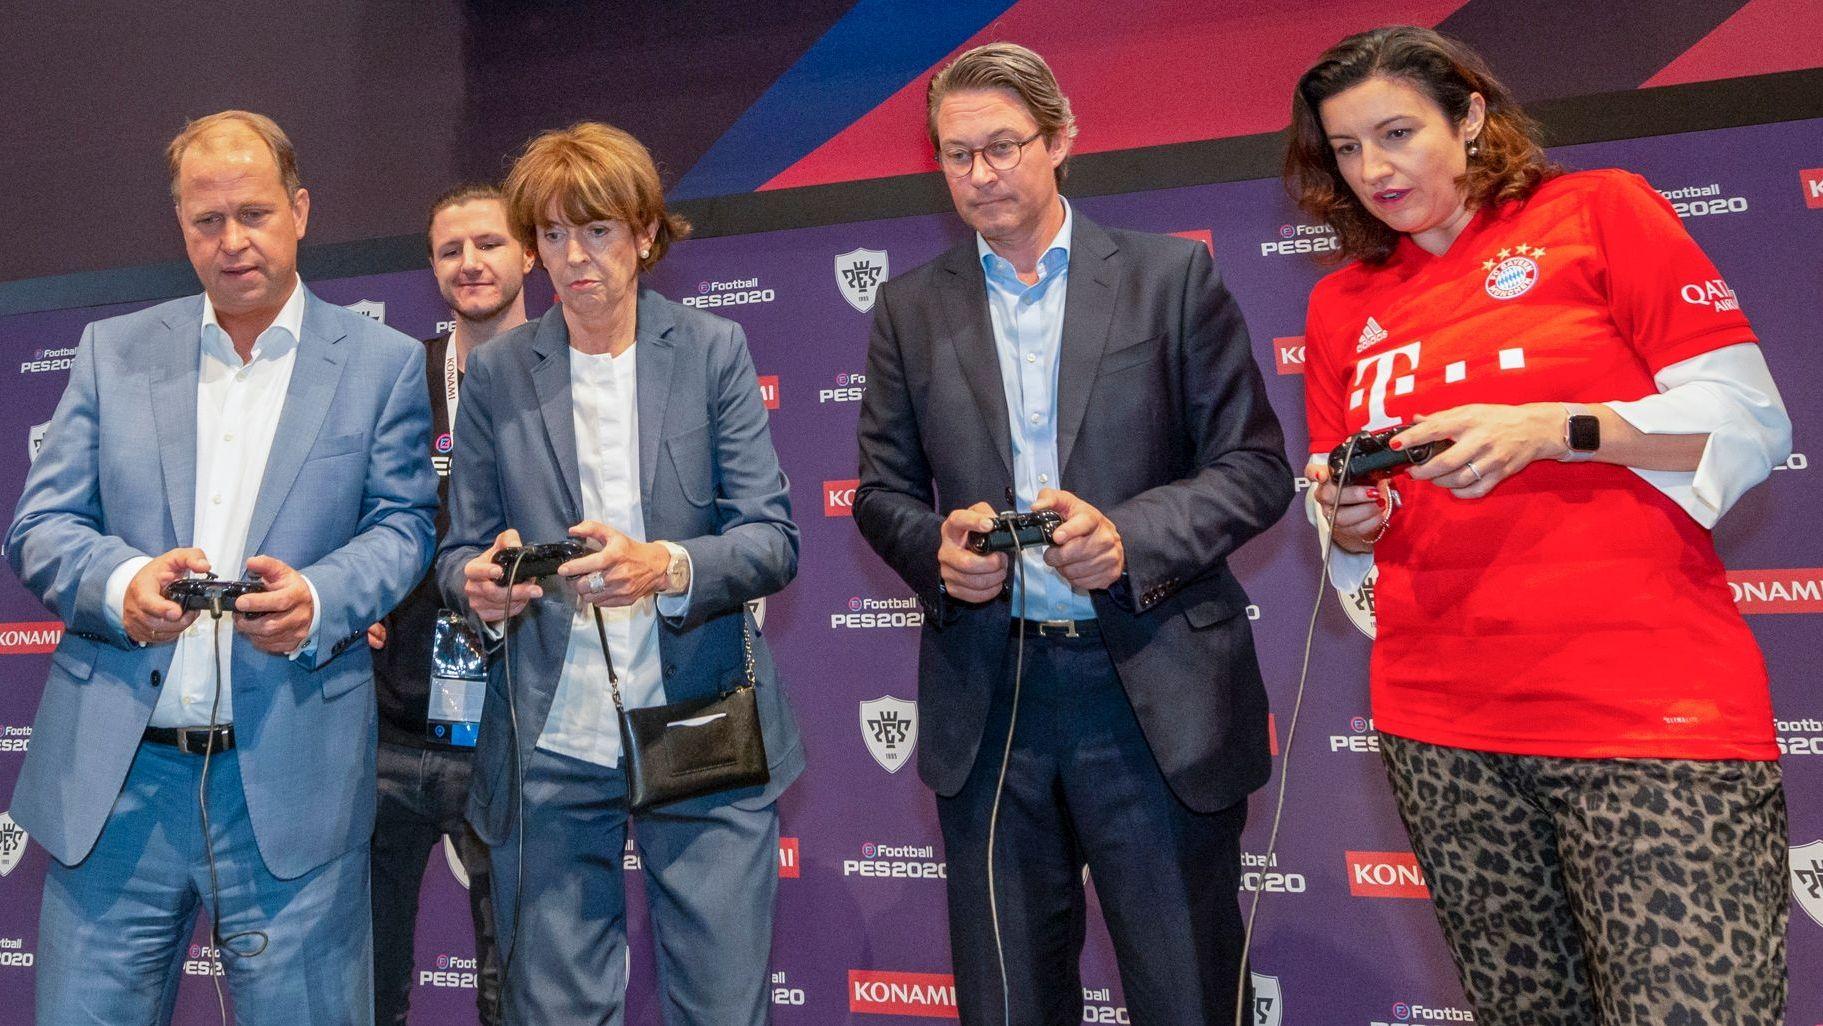 Politiker mit Gamecontrollern bei der Eröffnung der Gamescom